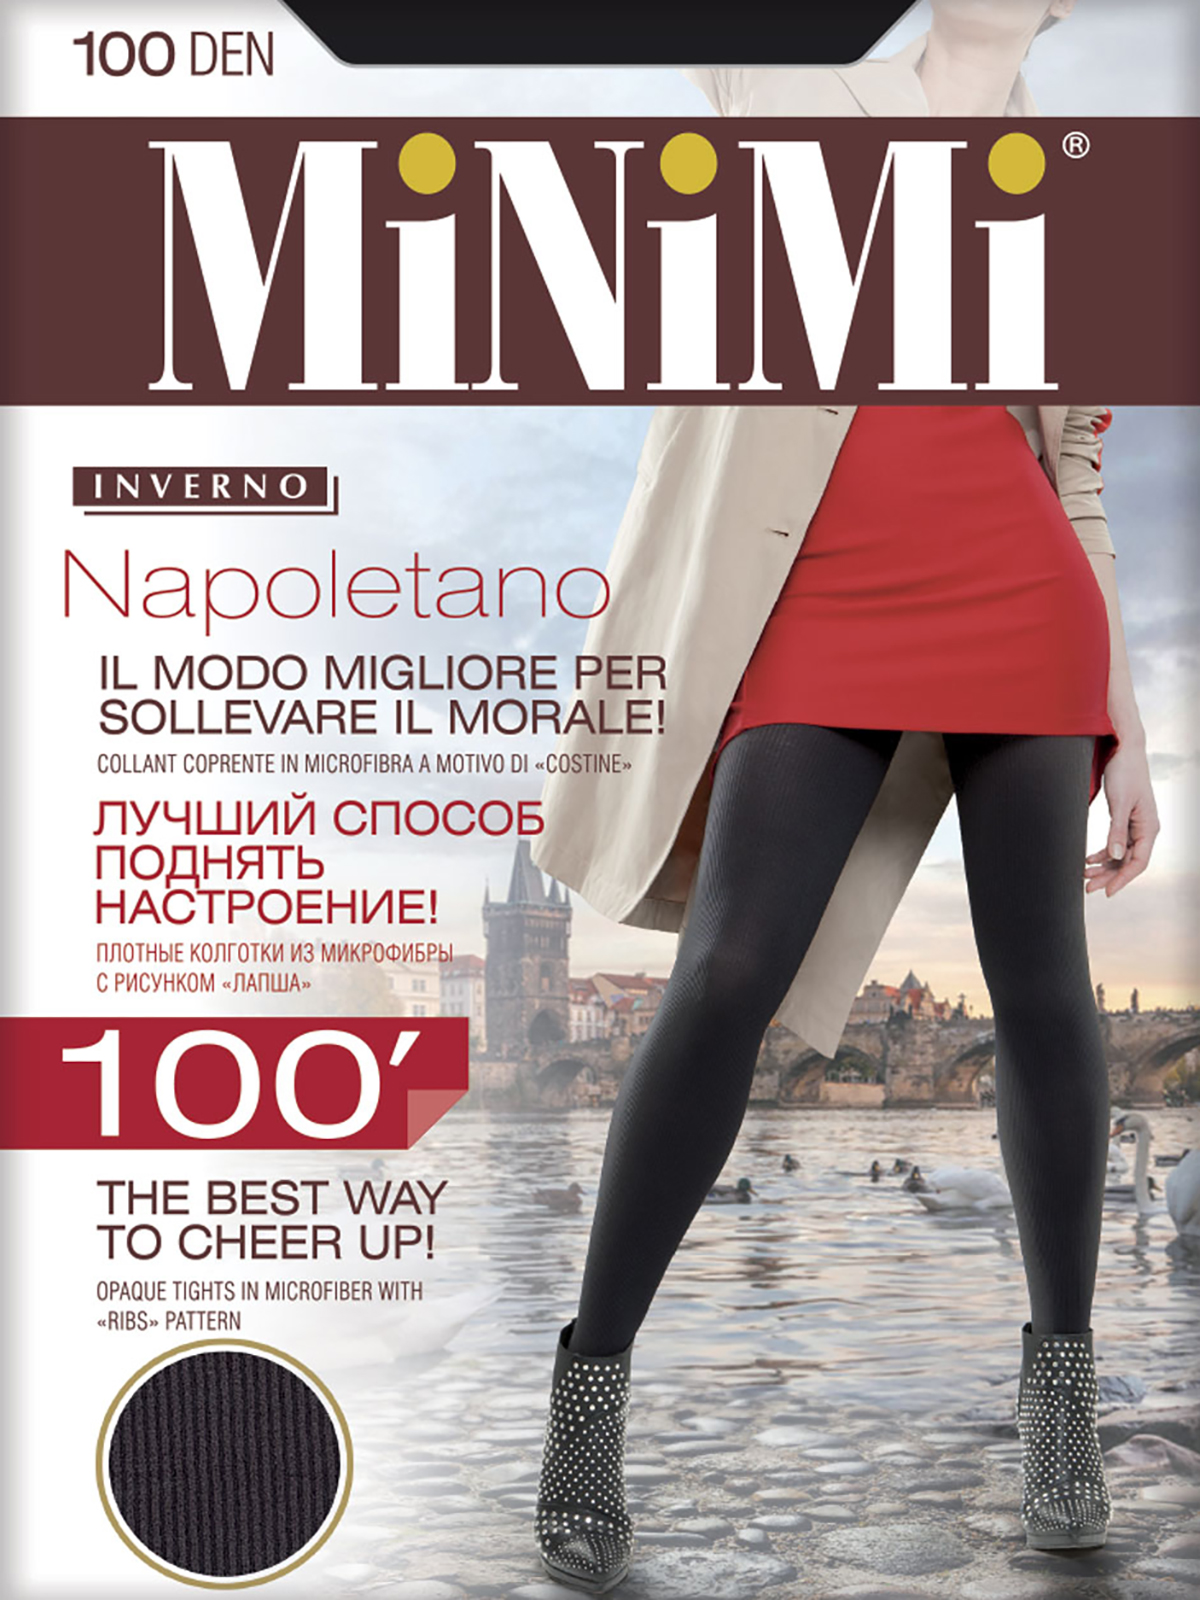 Осенне-зимние колготки Minimi - купить теплые колготки Миними в  интернет-магазине в Москве 0794eab61a2